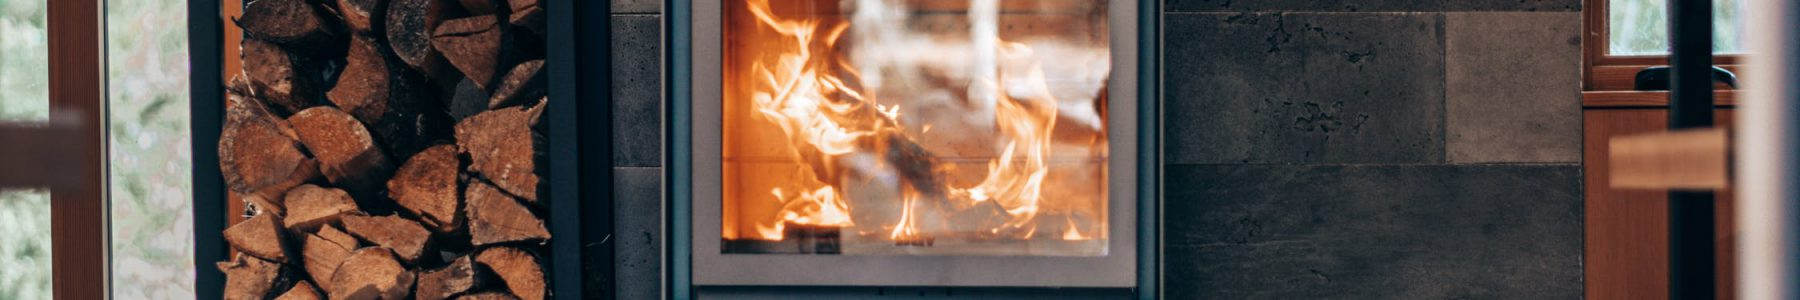 Verantwoord stoken met een houtkachel via de Zwitserse stookmethode